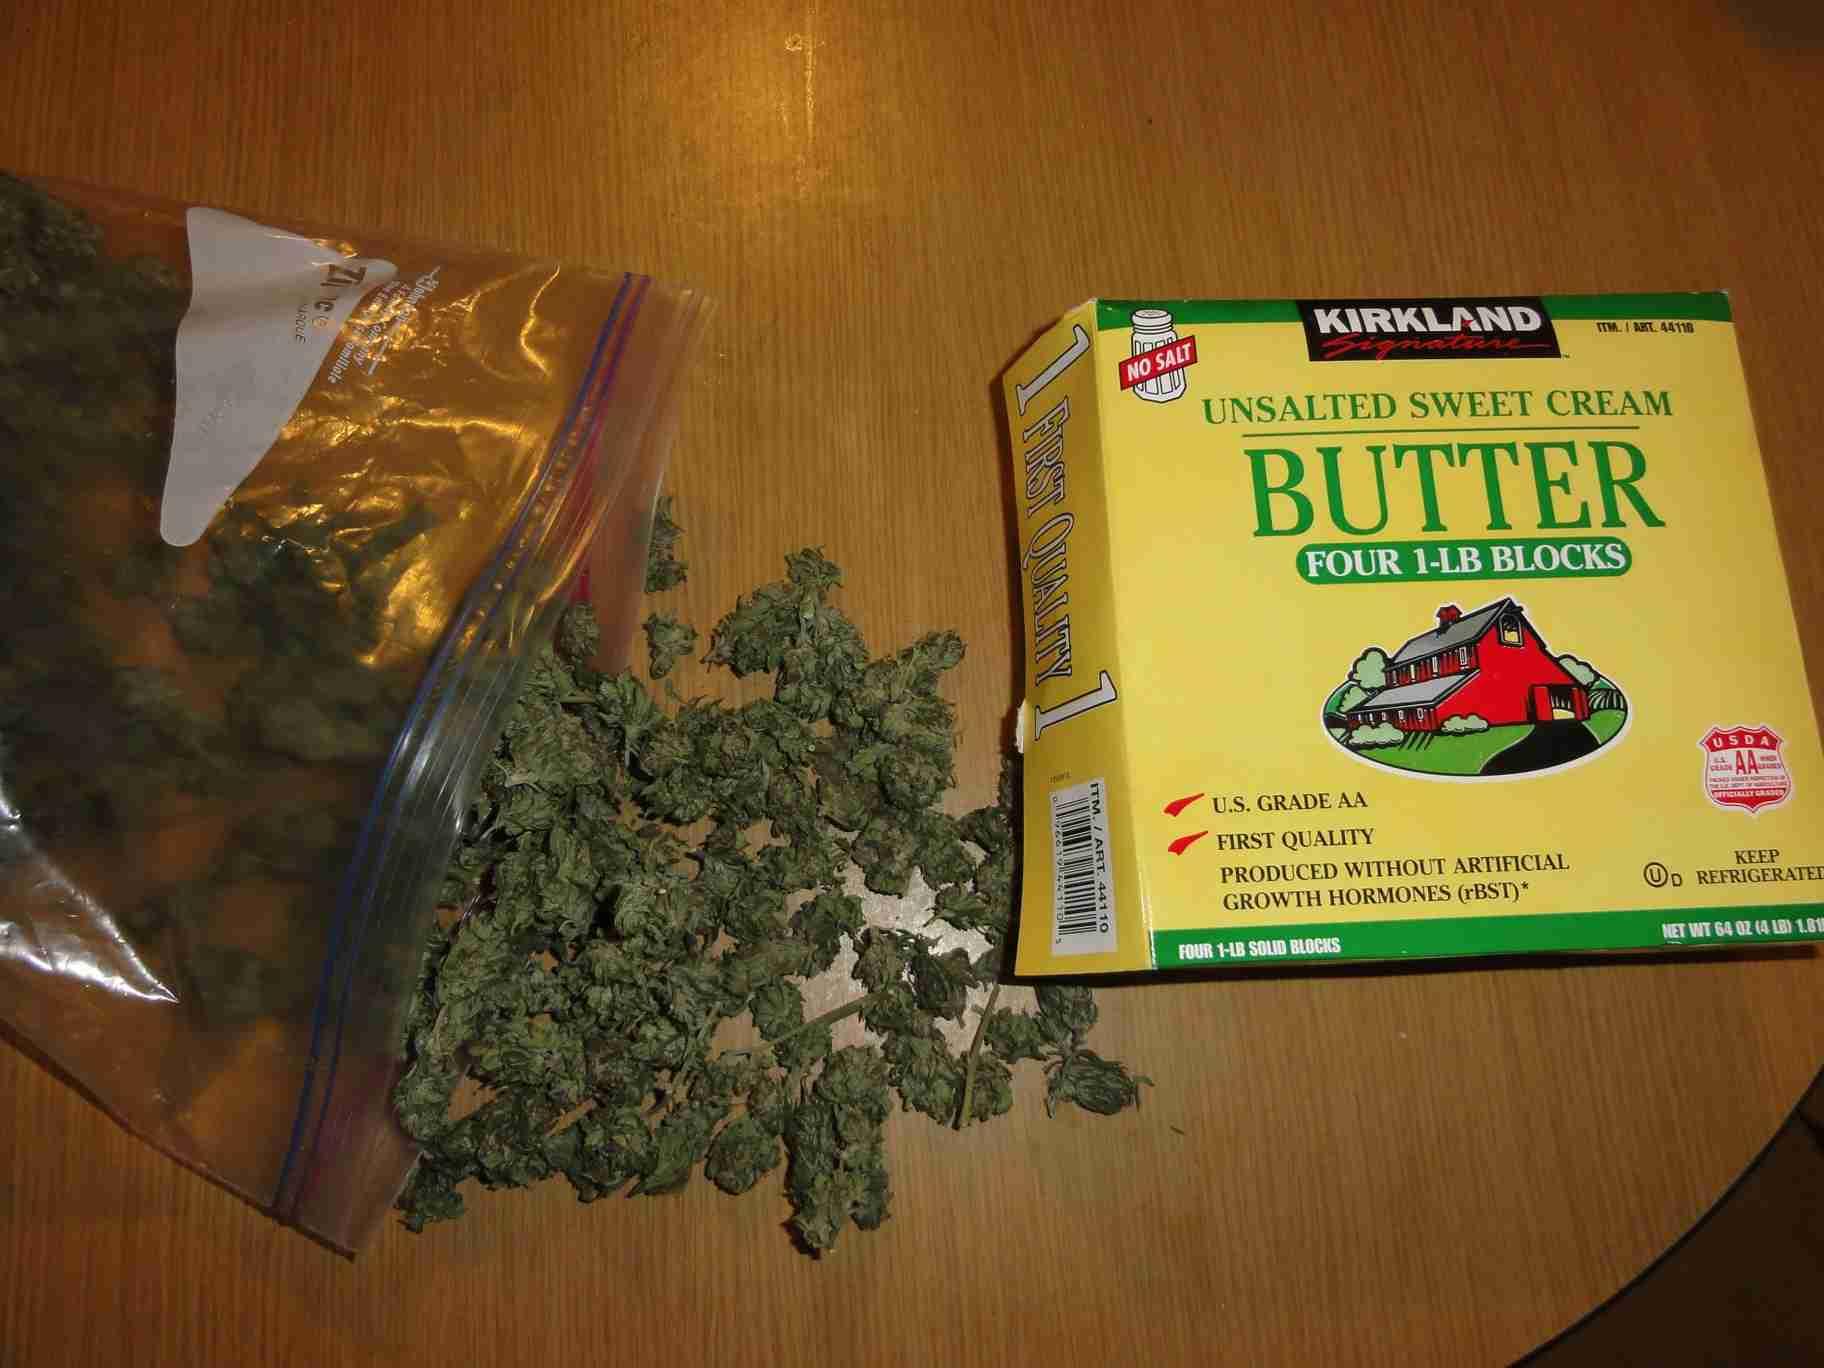 アメリカで「大麻」成分入りのピザソースが発売 / 価格は1つ約2000円